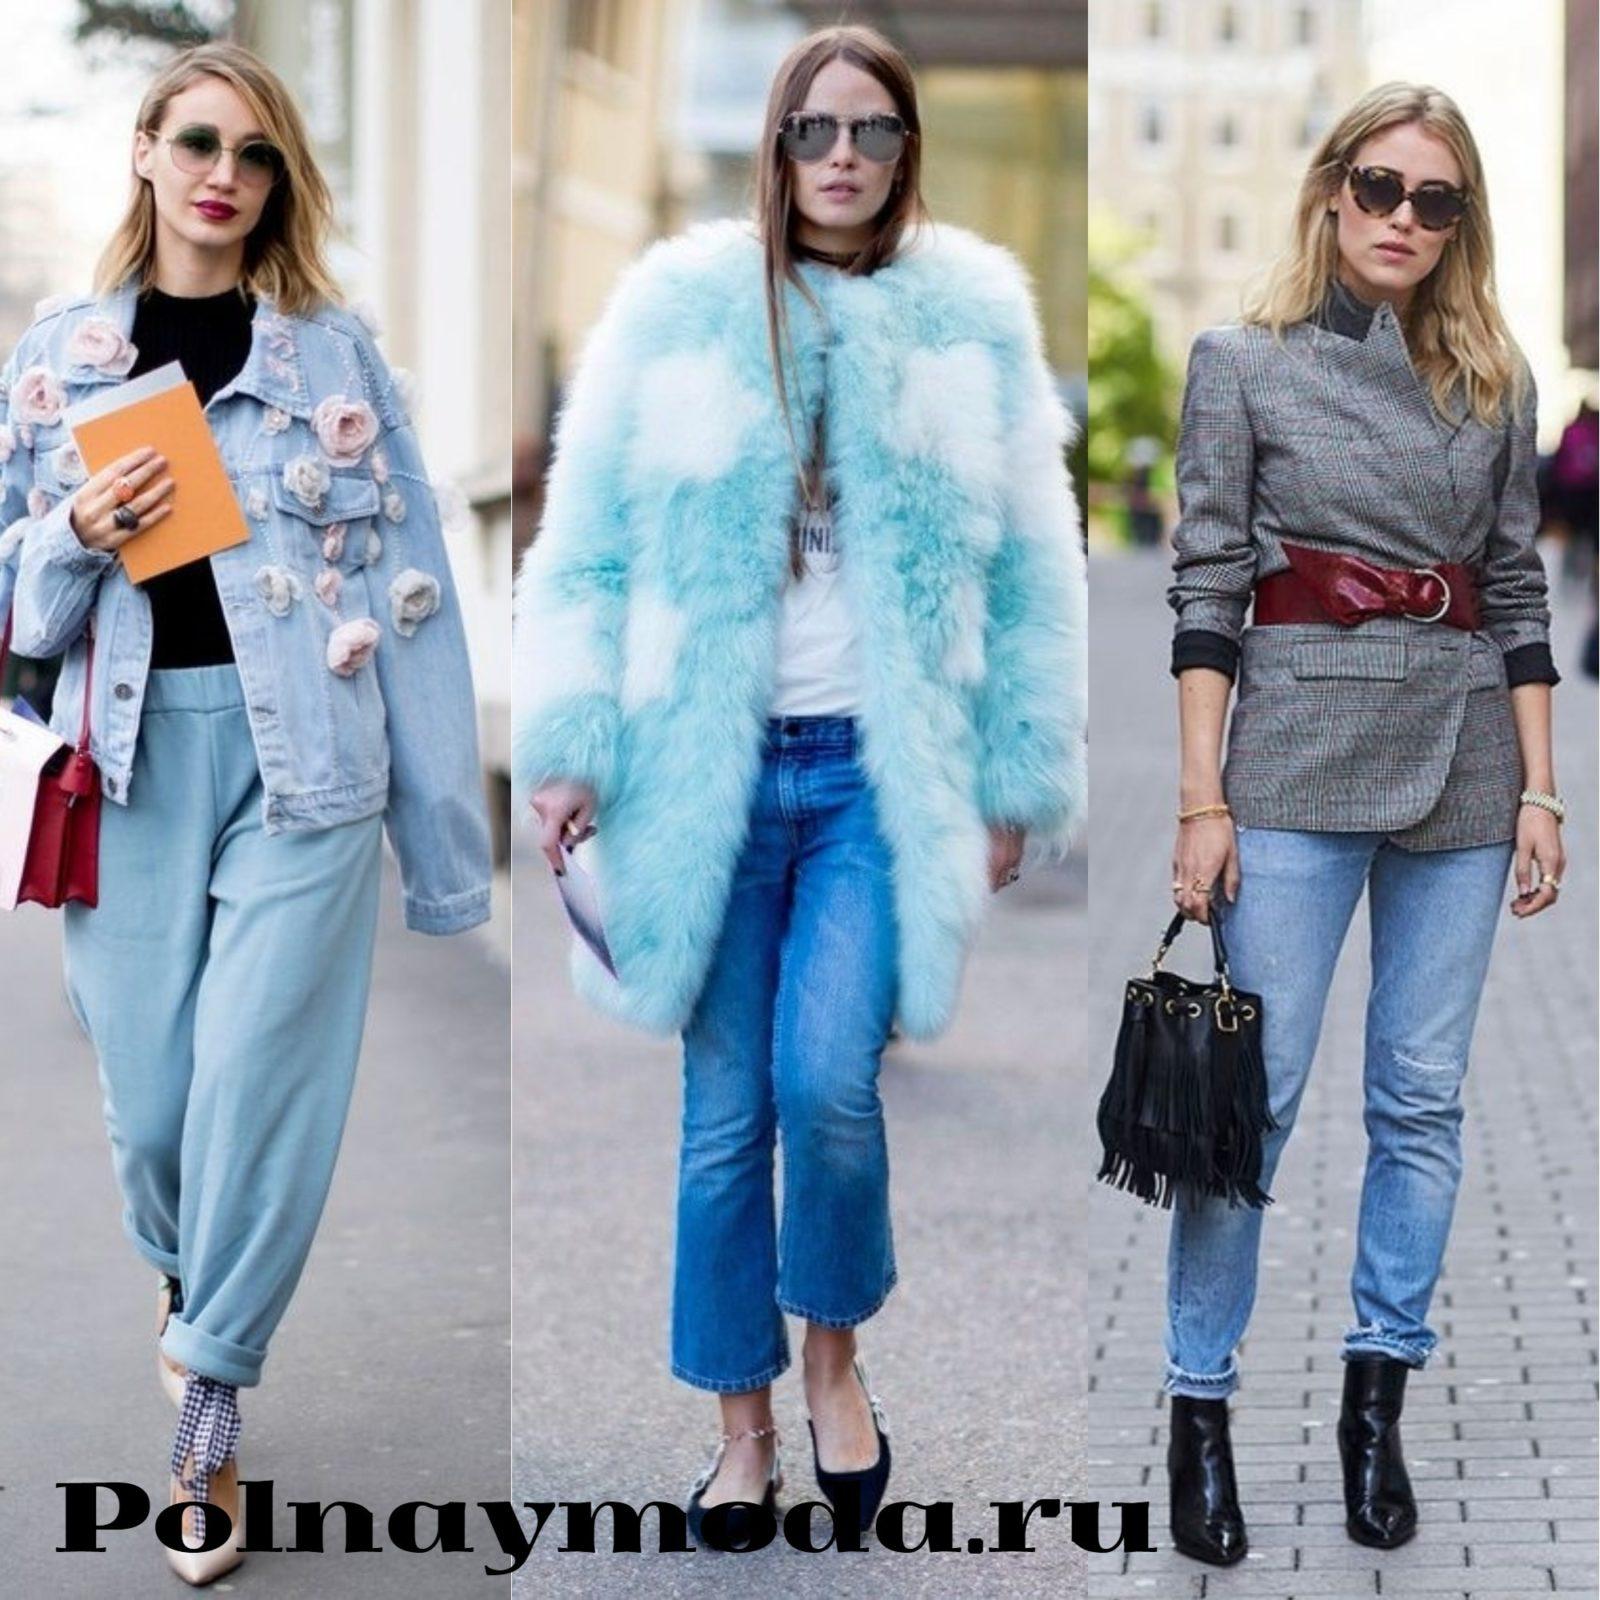 уличная мода деним джинсовые брюки, куртки